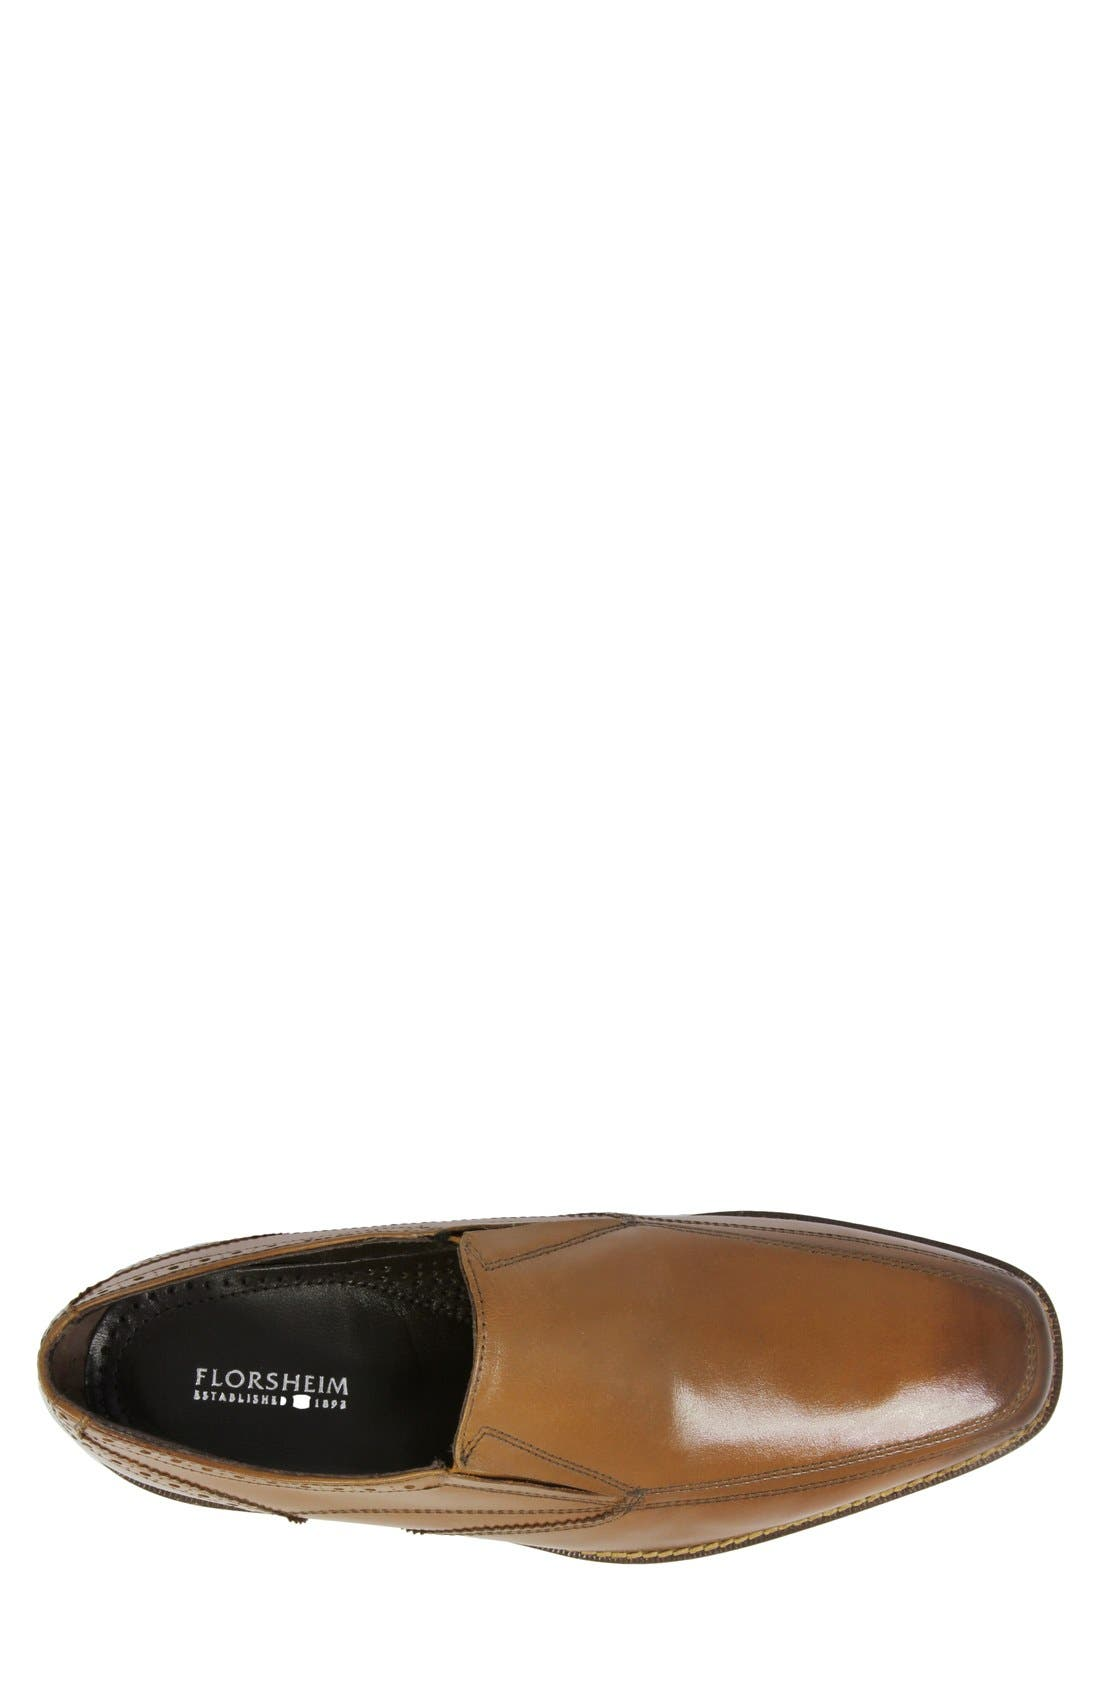 'Castellano' Venetian Loafer,                             Alternate thumbnail 3, color,                             237